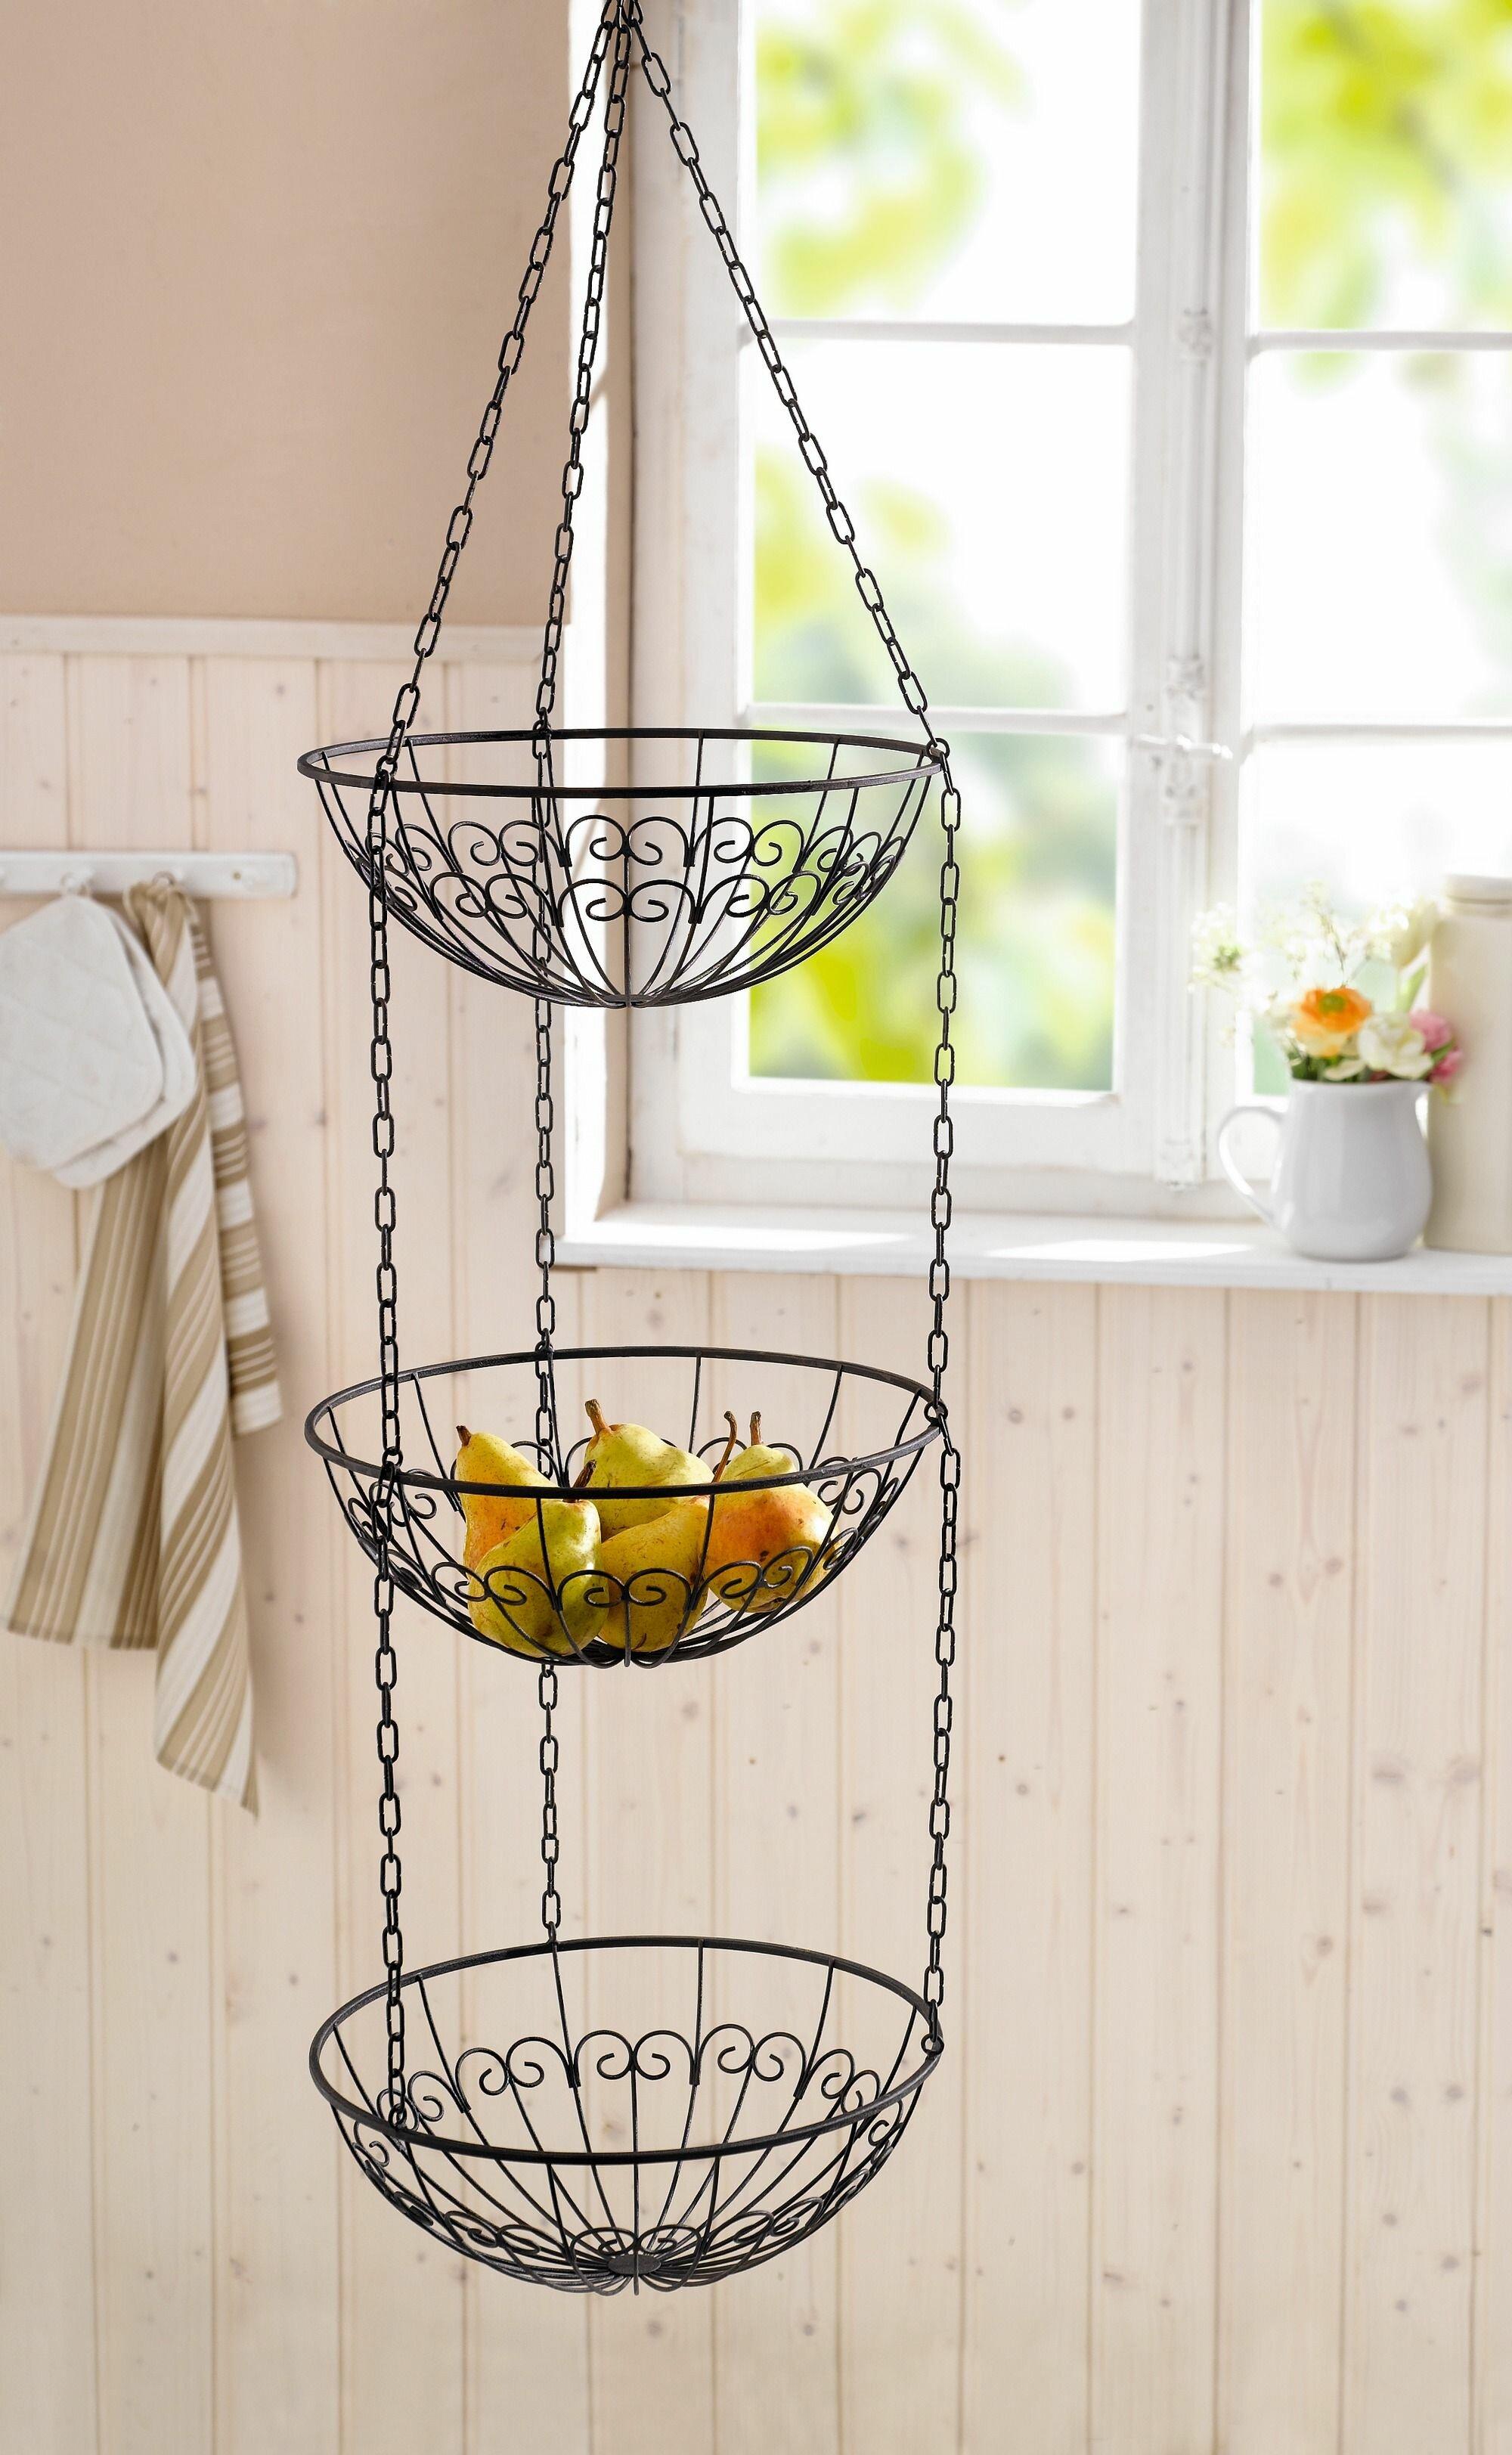 Wire Kitchen 230 fl oz Hanging Fruit Basket